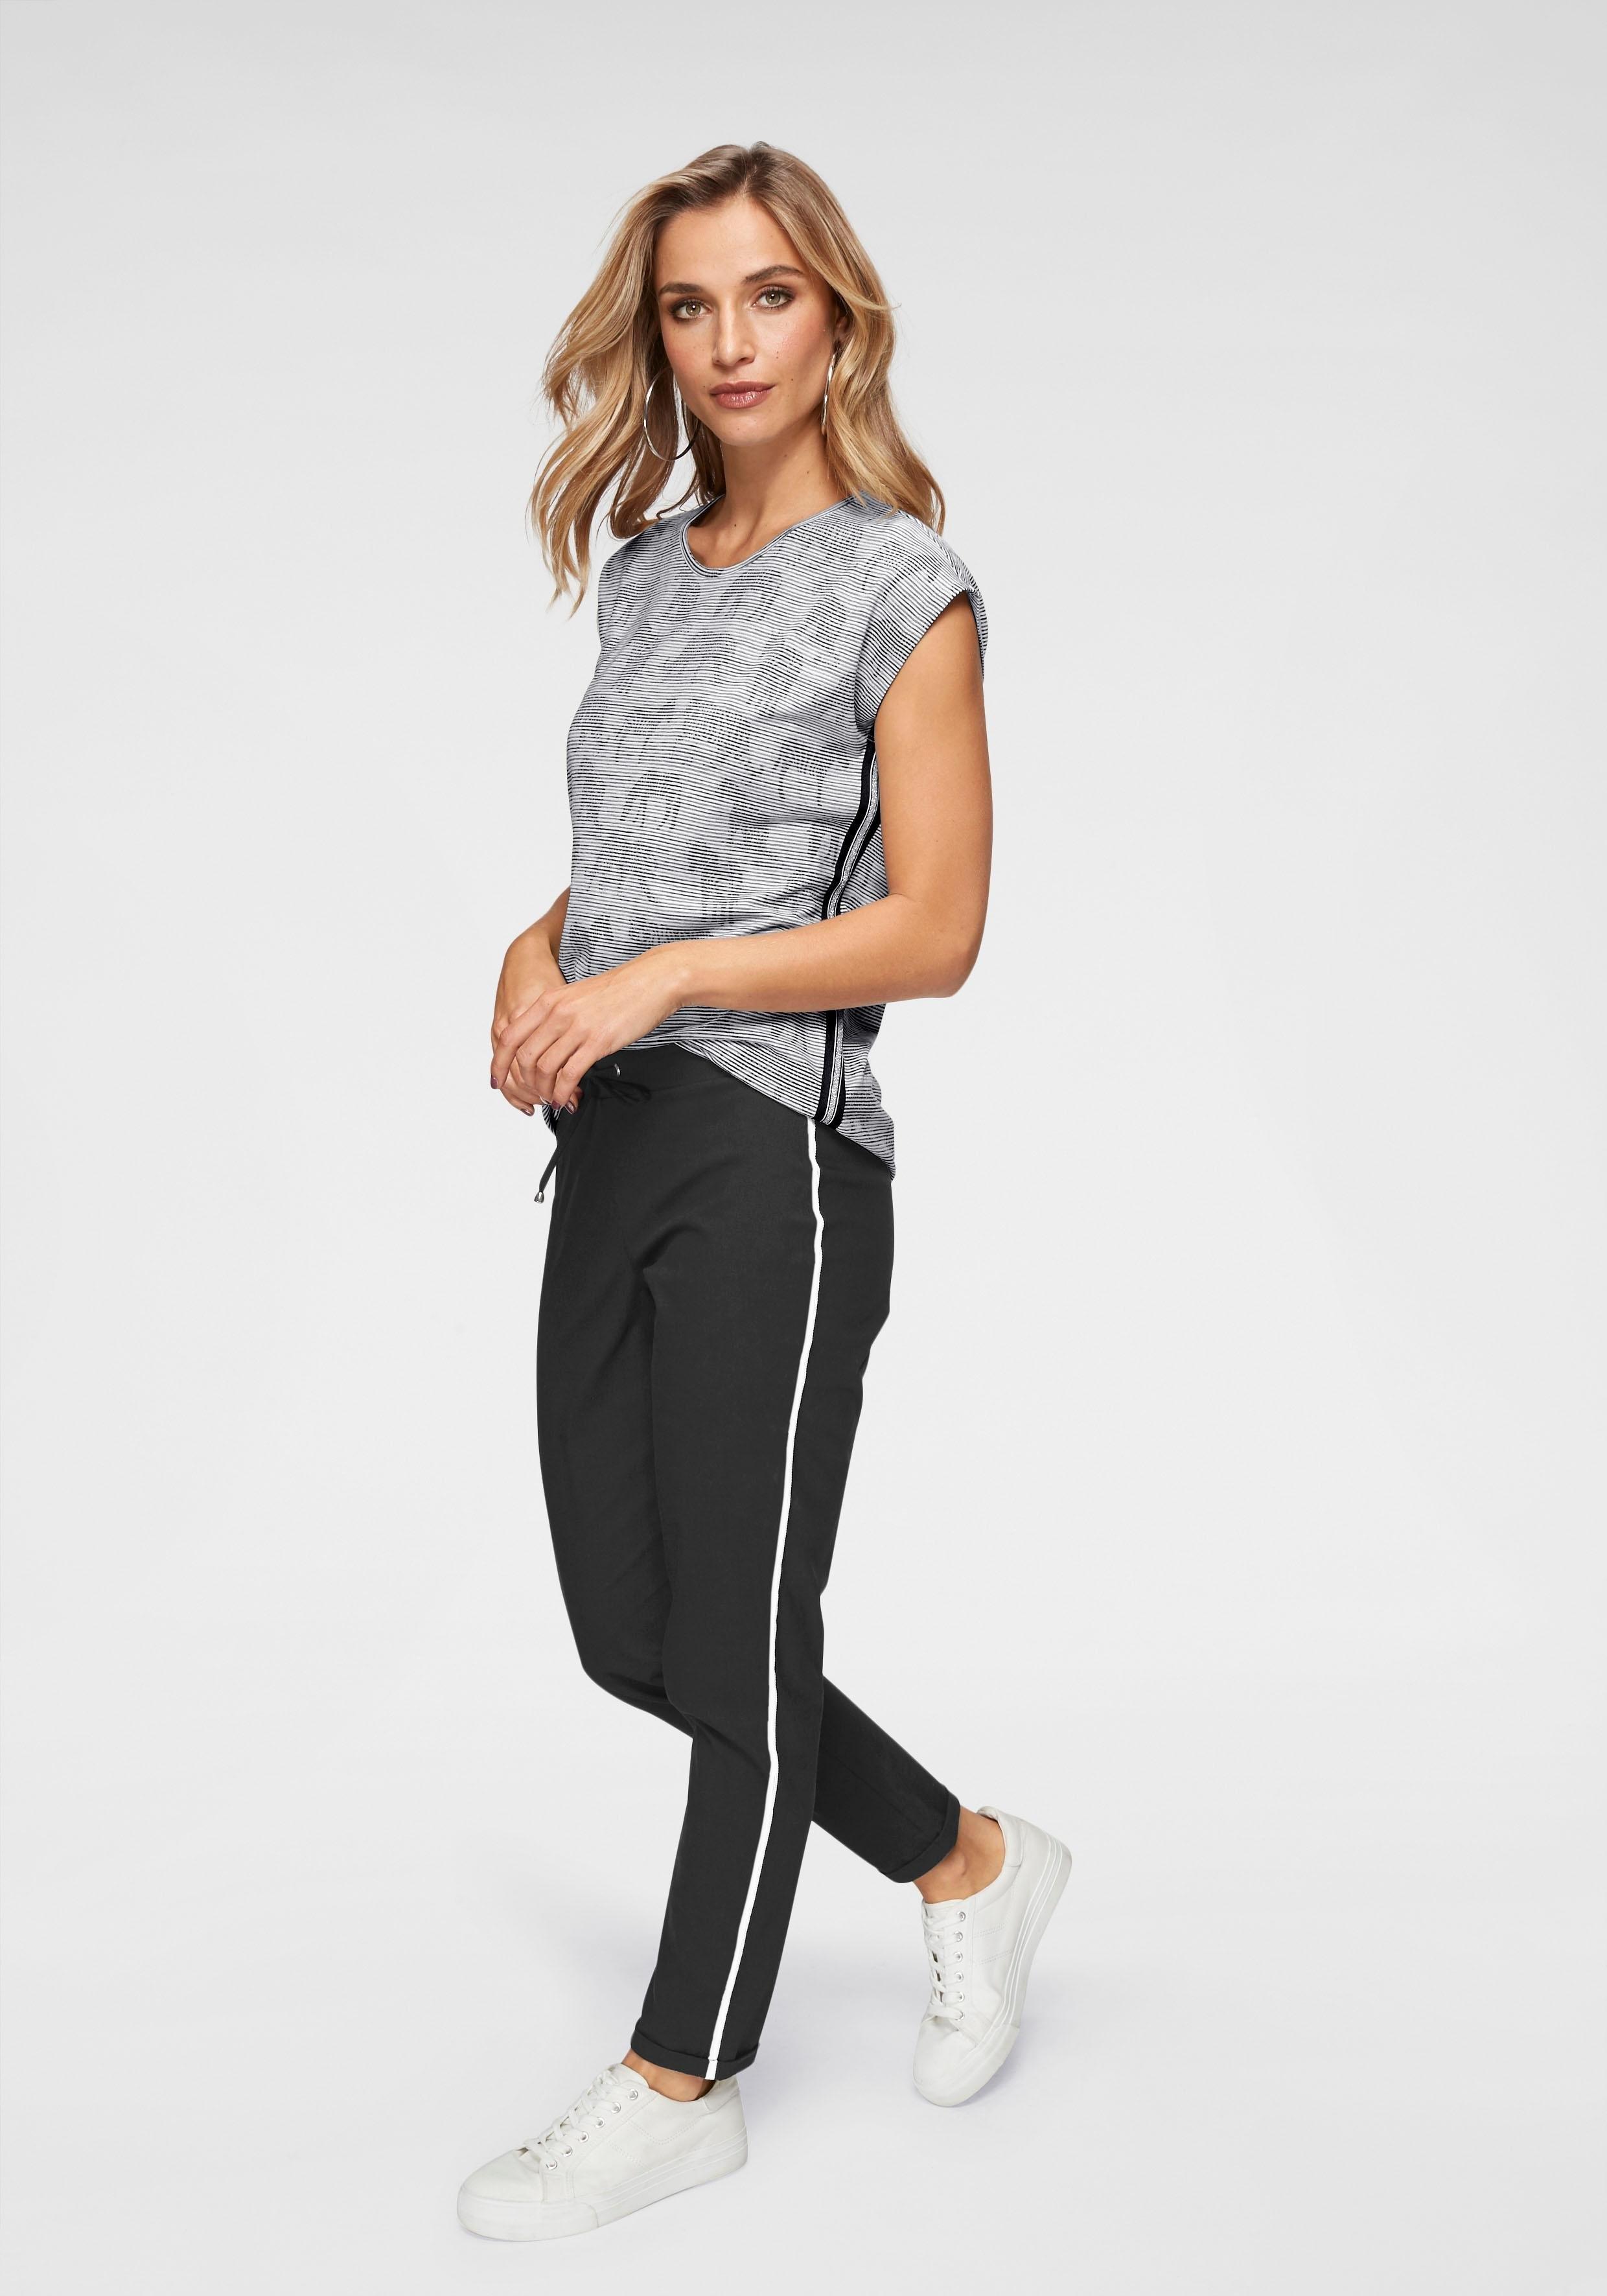 Aniston Casual Aniston by BAUR T-shirt bij OTTO online kopen